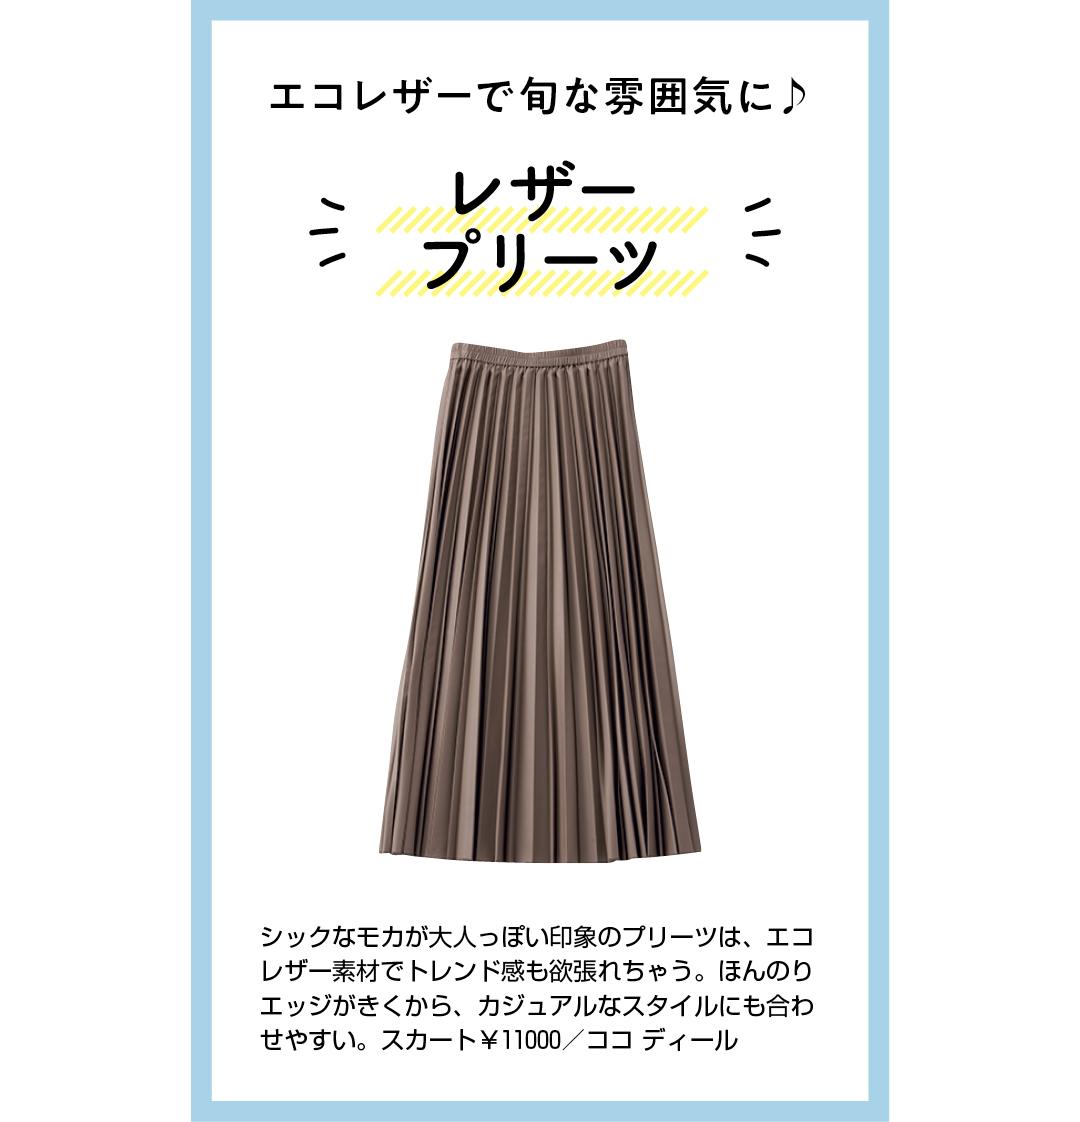 エコレザーで旬な雰囲気に♪ レザープリーツ シックなモカが大人っぽい印象のプリーツは、エコレザー素材でトレンド感も欲張れちゃう。ほんのりエッジがきくから、カジュアルなスタイルにも合わせやすい。スカート¥11000/ココ ディール